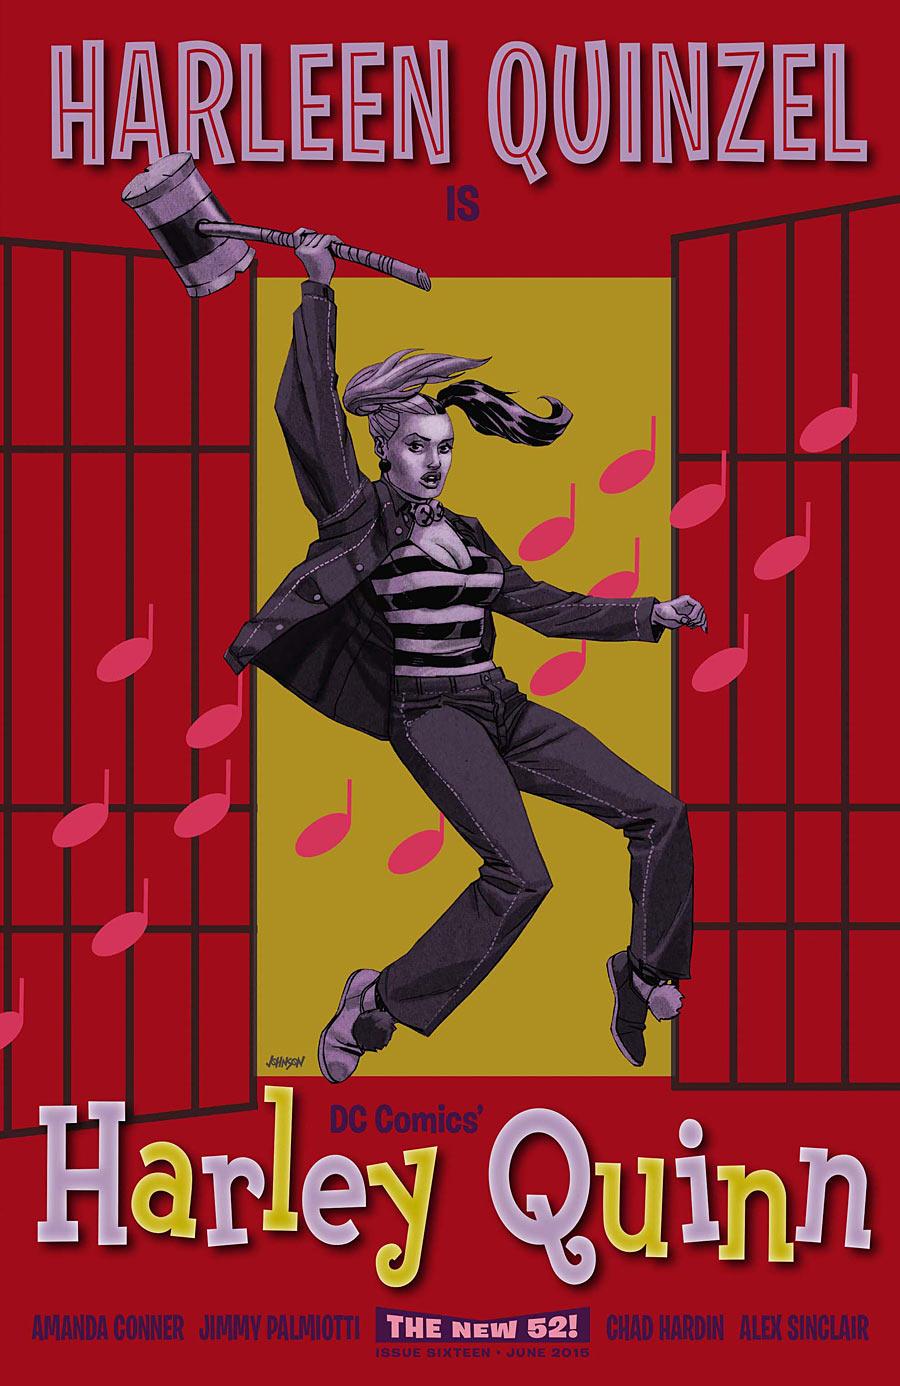 Harley Quinn Vol 2 16 Movie Poster Variant.jpg